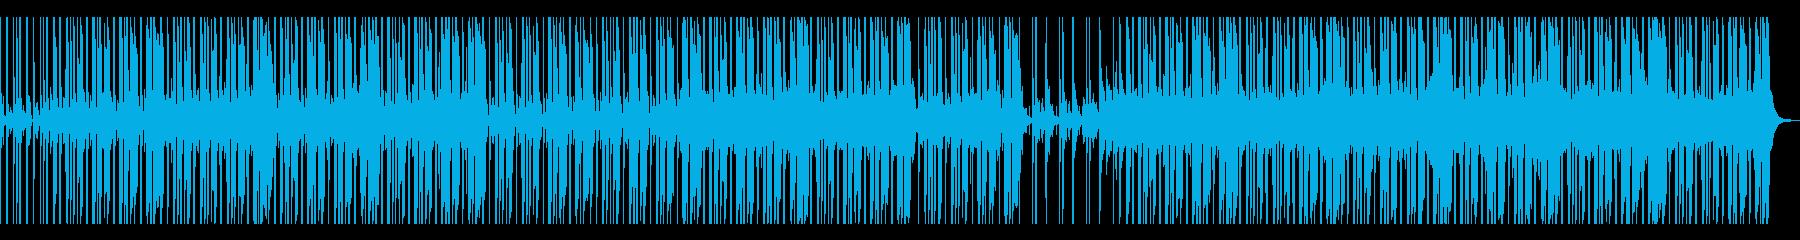 【短いVer8】スローファンクロックの再生済みの波形